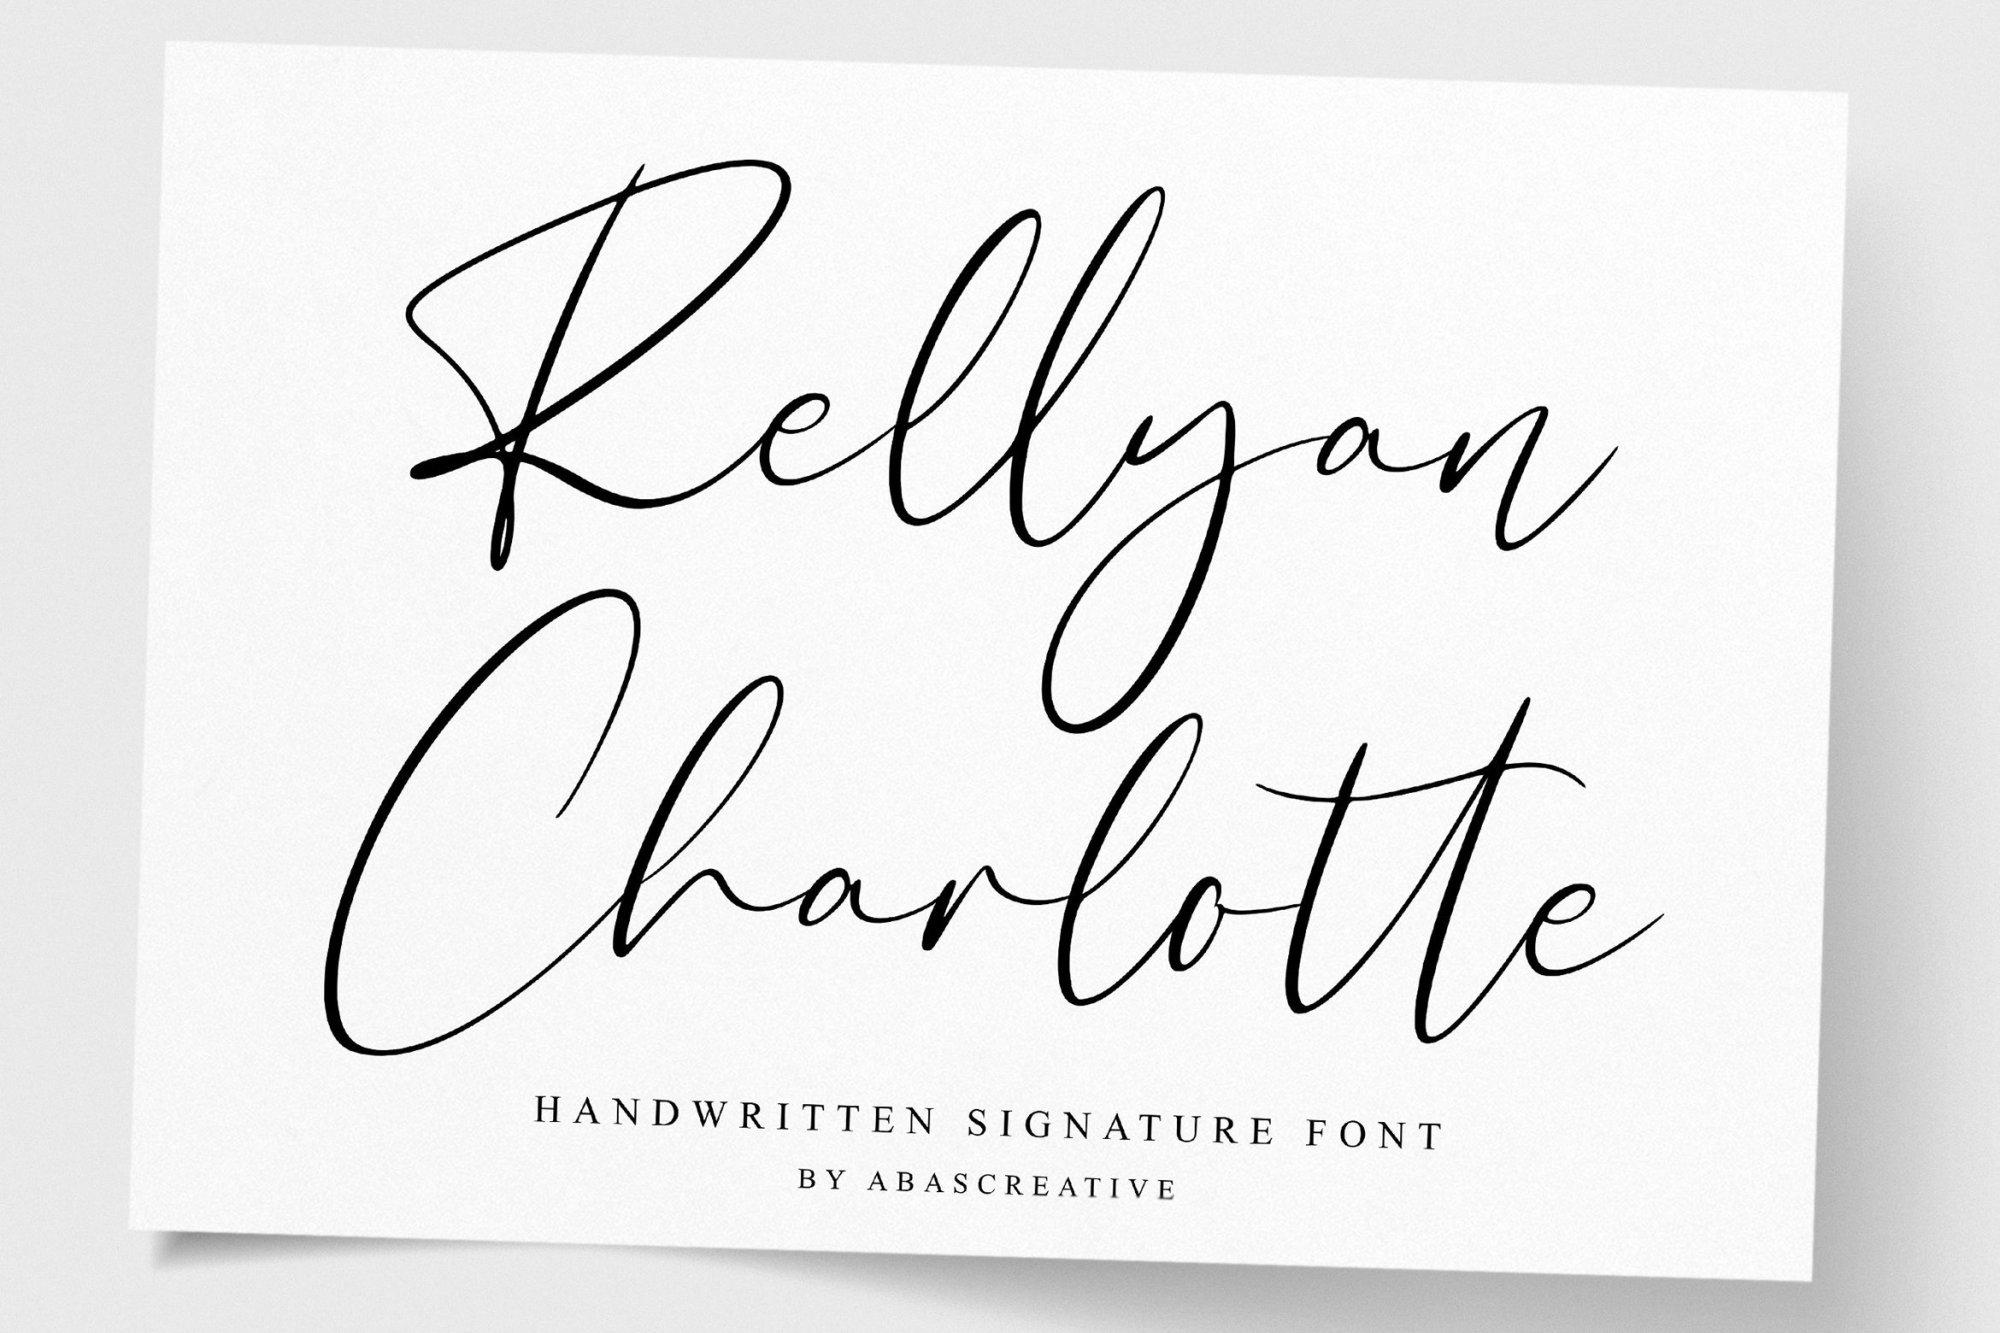 Rellyan-Charlotte-Handwritten-Signature-Font-1